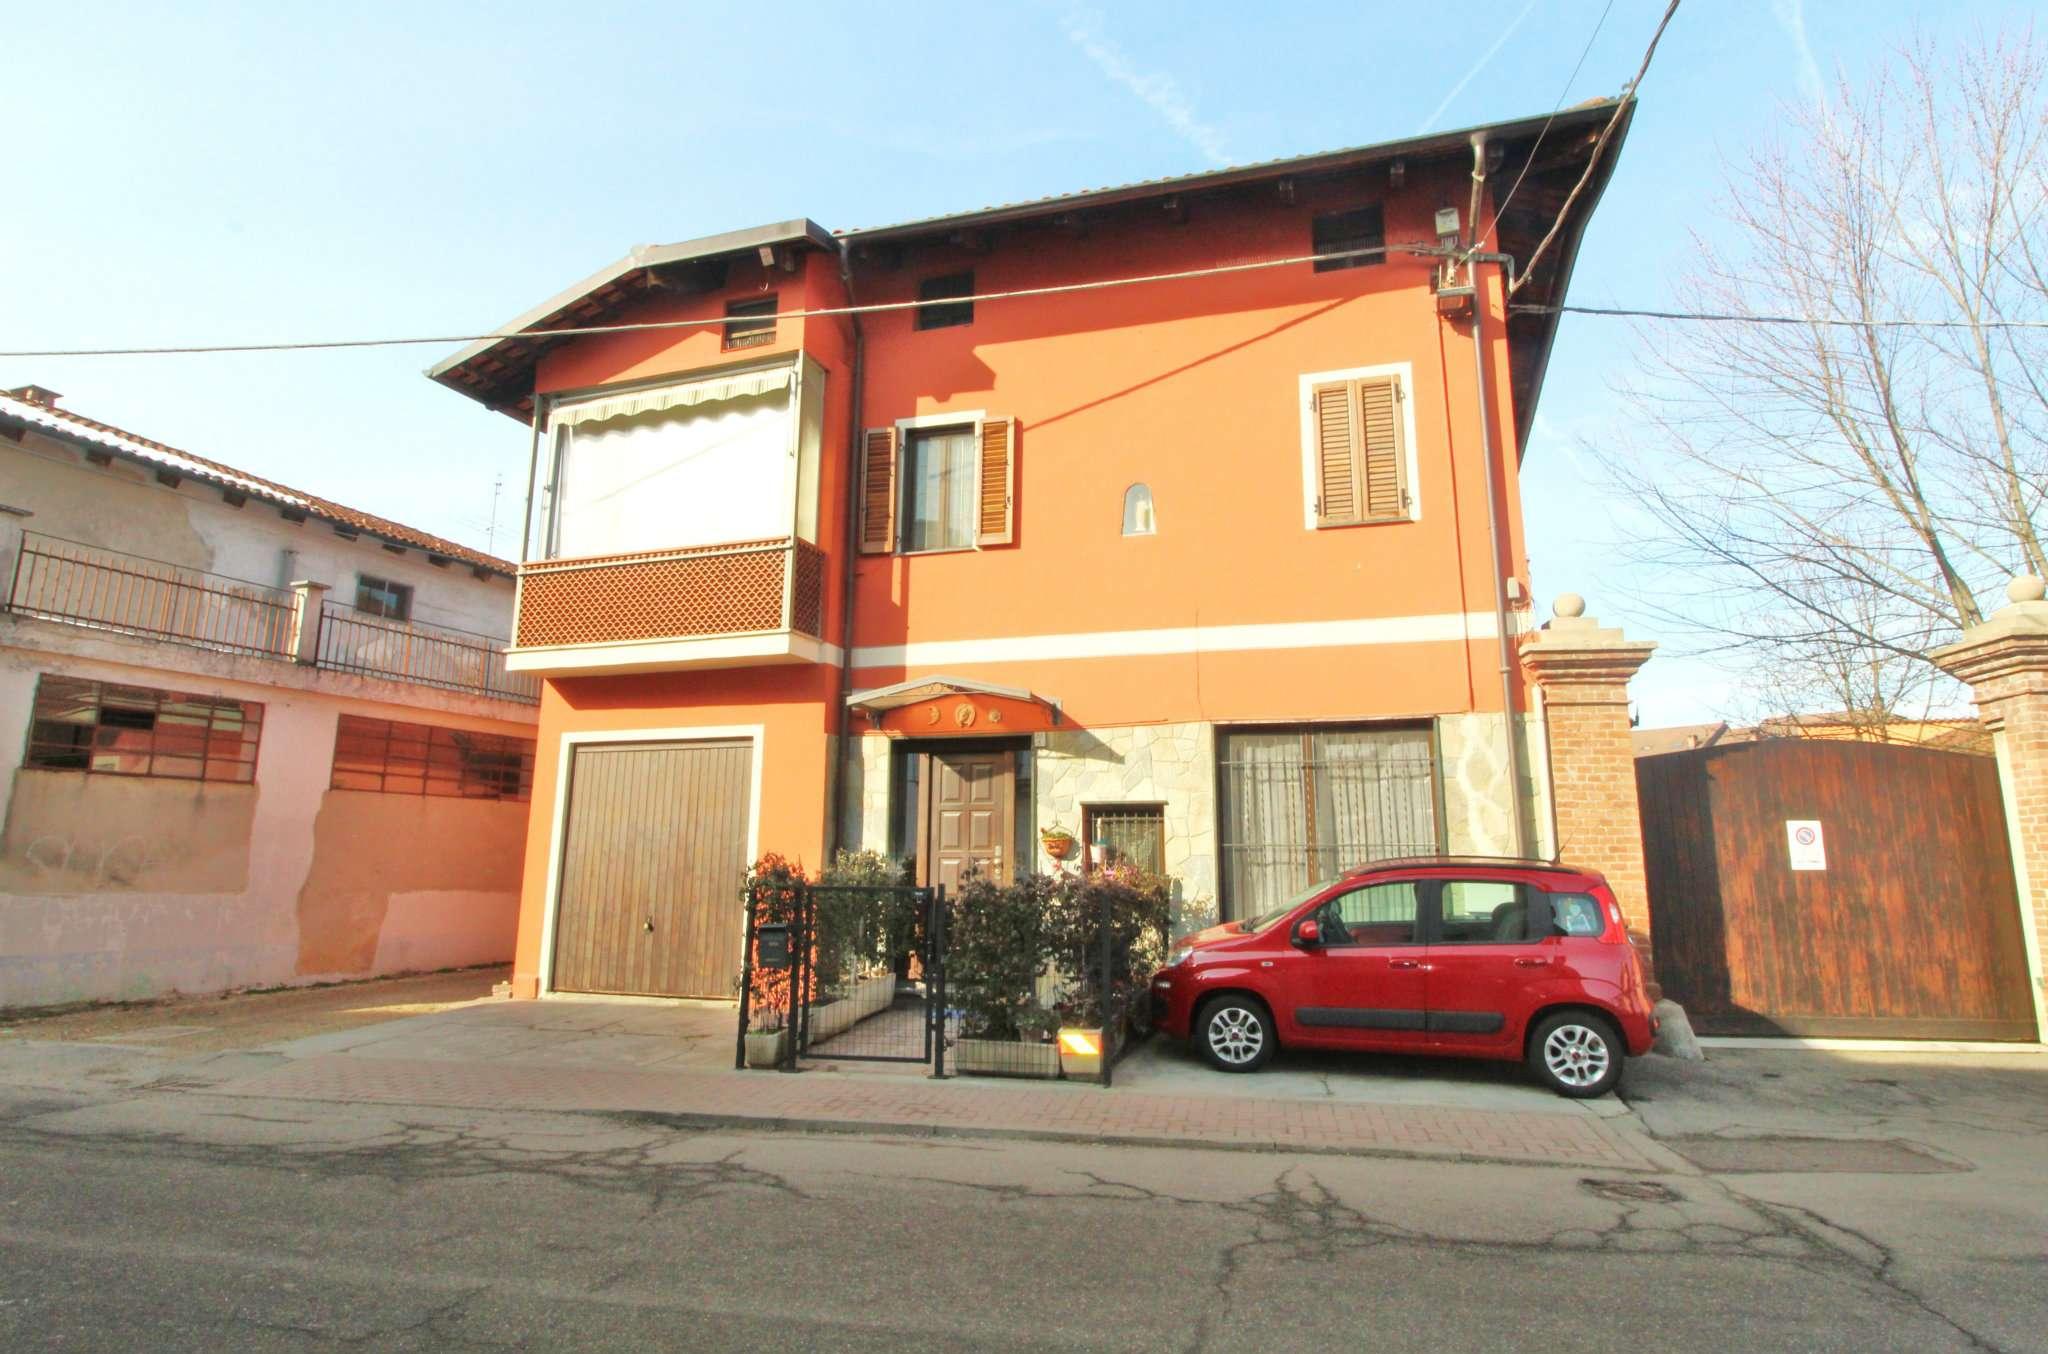 Appartamento in vendita a Piobesi Torinese, 3 locali, prezzo € 113.000 | CambioCasa.it